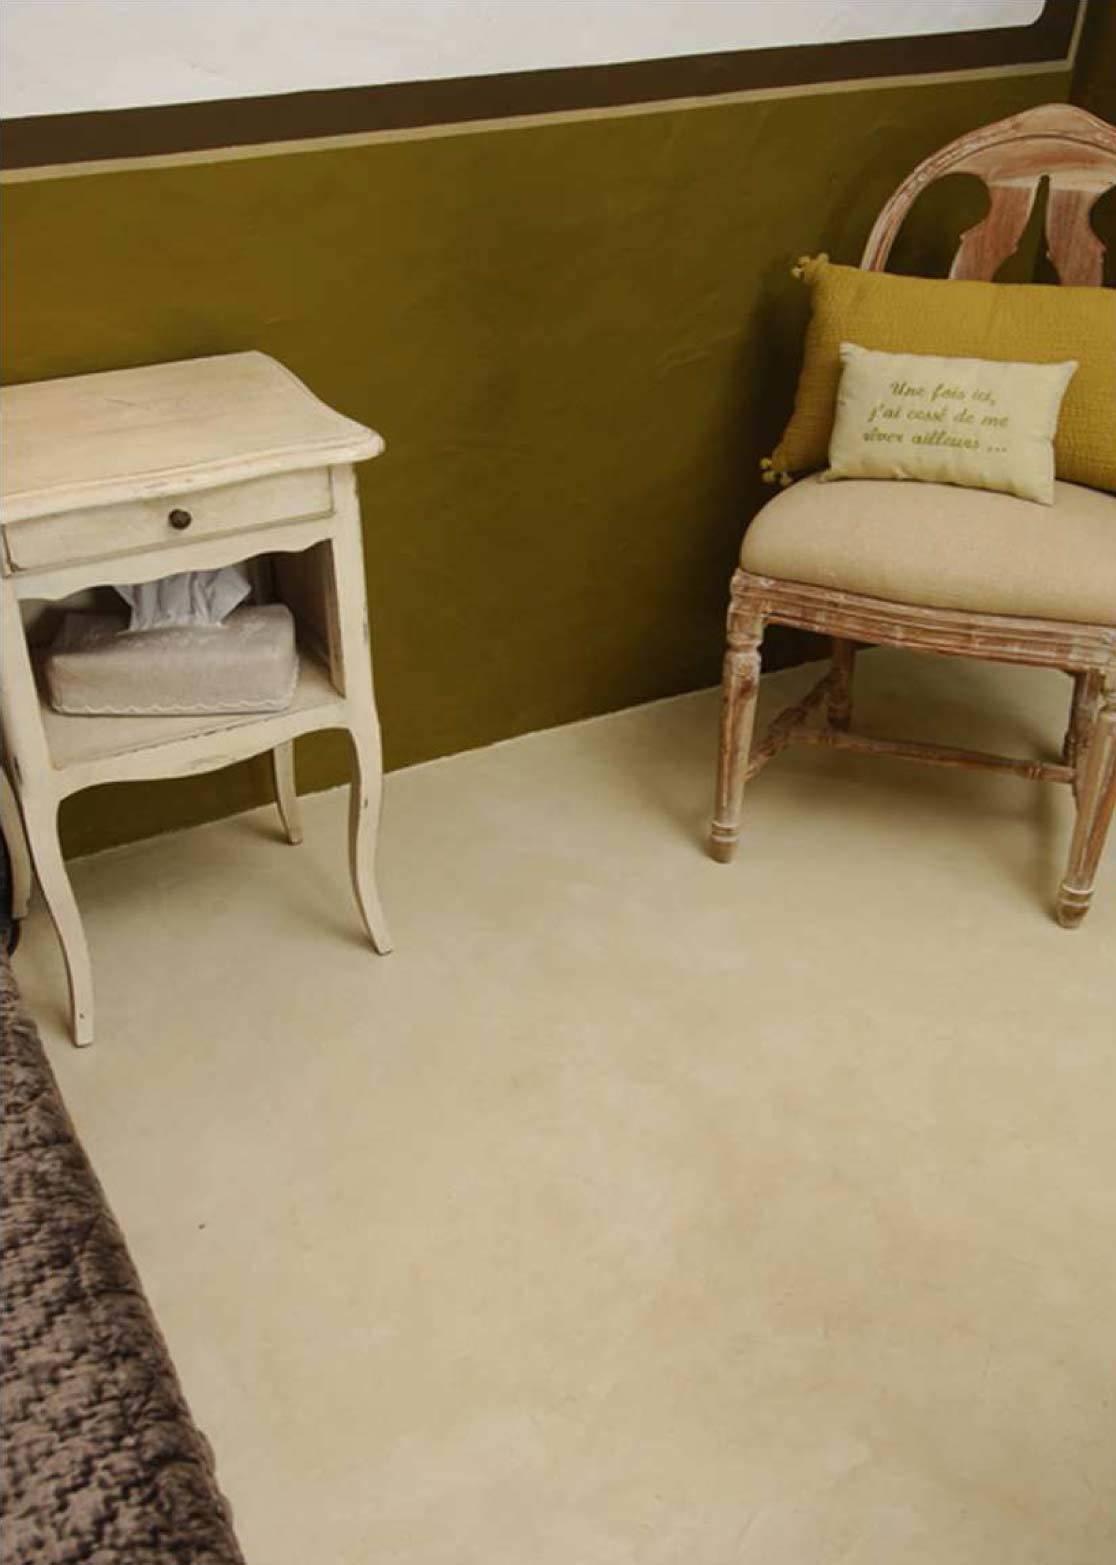 sol enduit d coratif b ton cir beige clair rouvi re collection. Black Bedroom Furniture Sets. Home Design Ideas